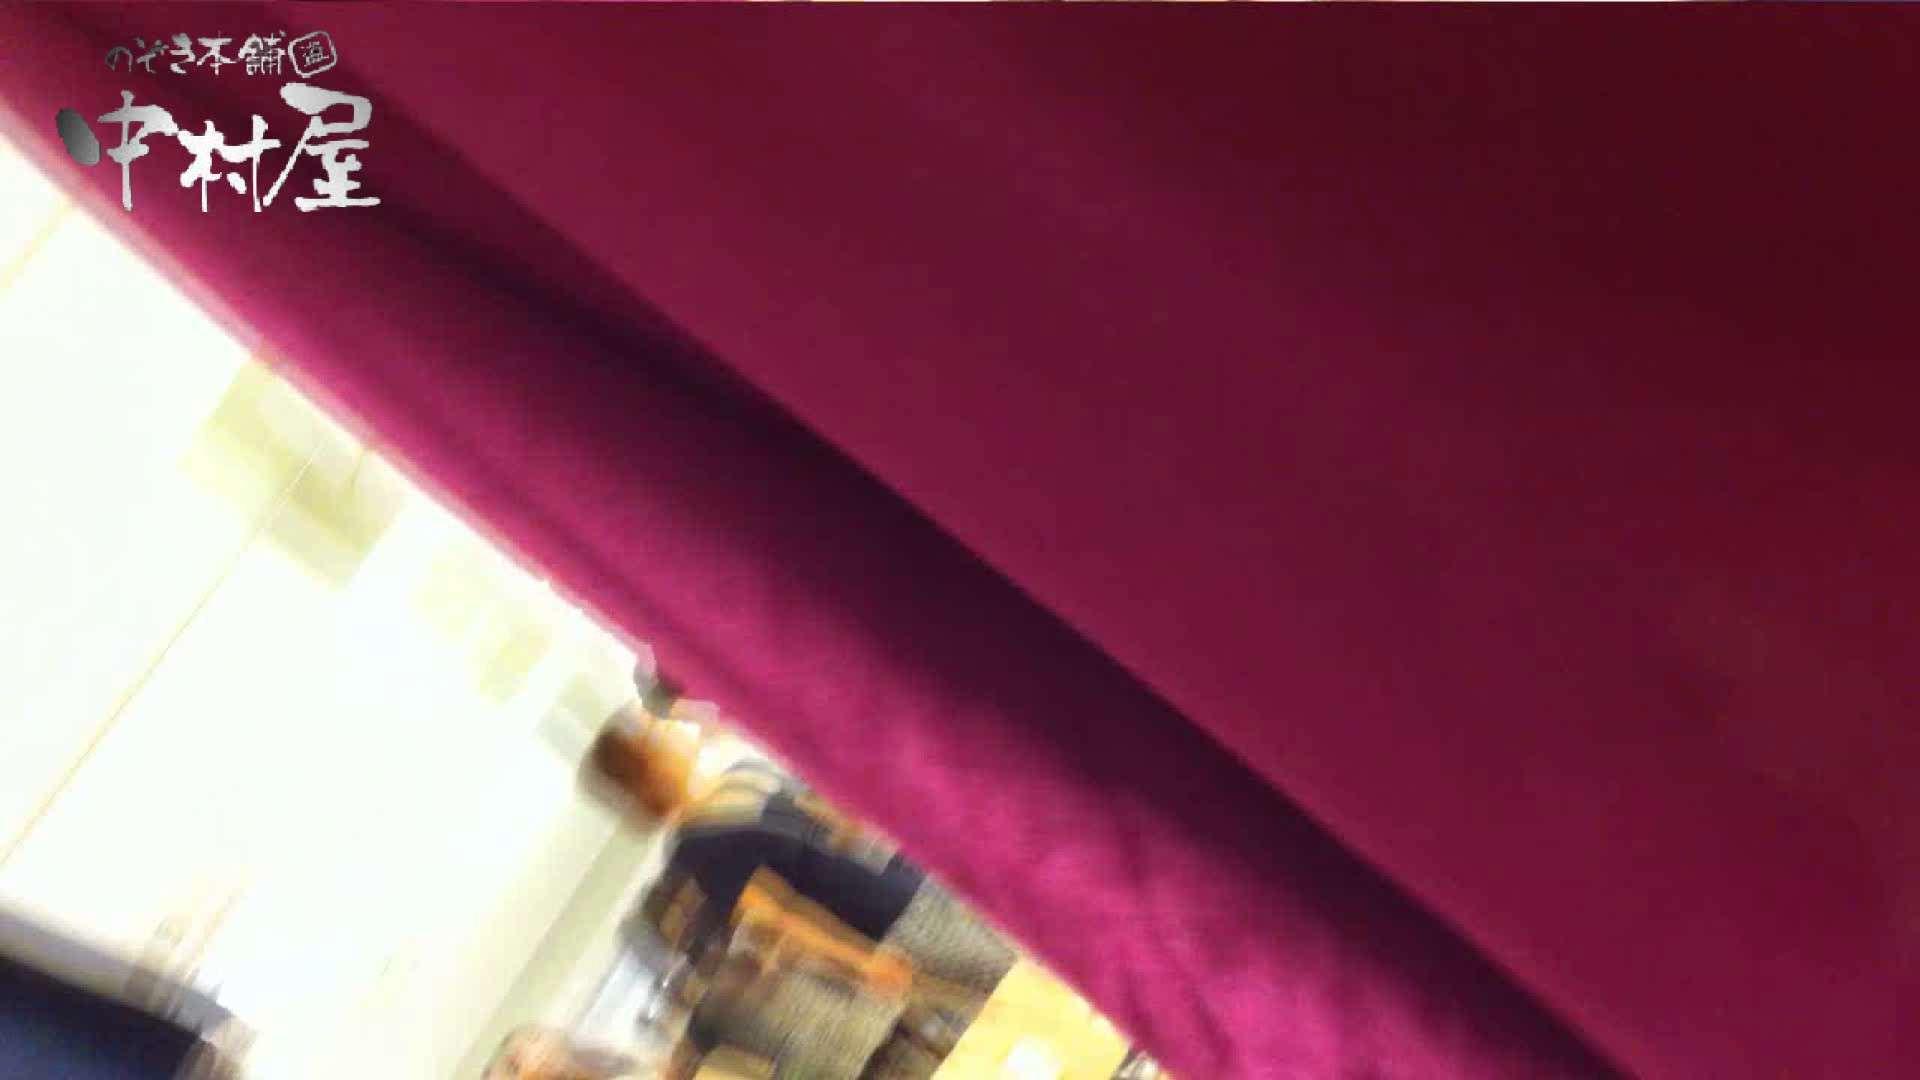 vol.62 美人アパレル胸チラ&パンチラ 笑顔のチャーミングなおねぃさん エロいOL 盗撮画像 100枚